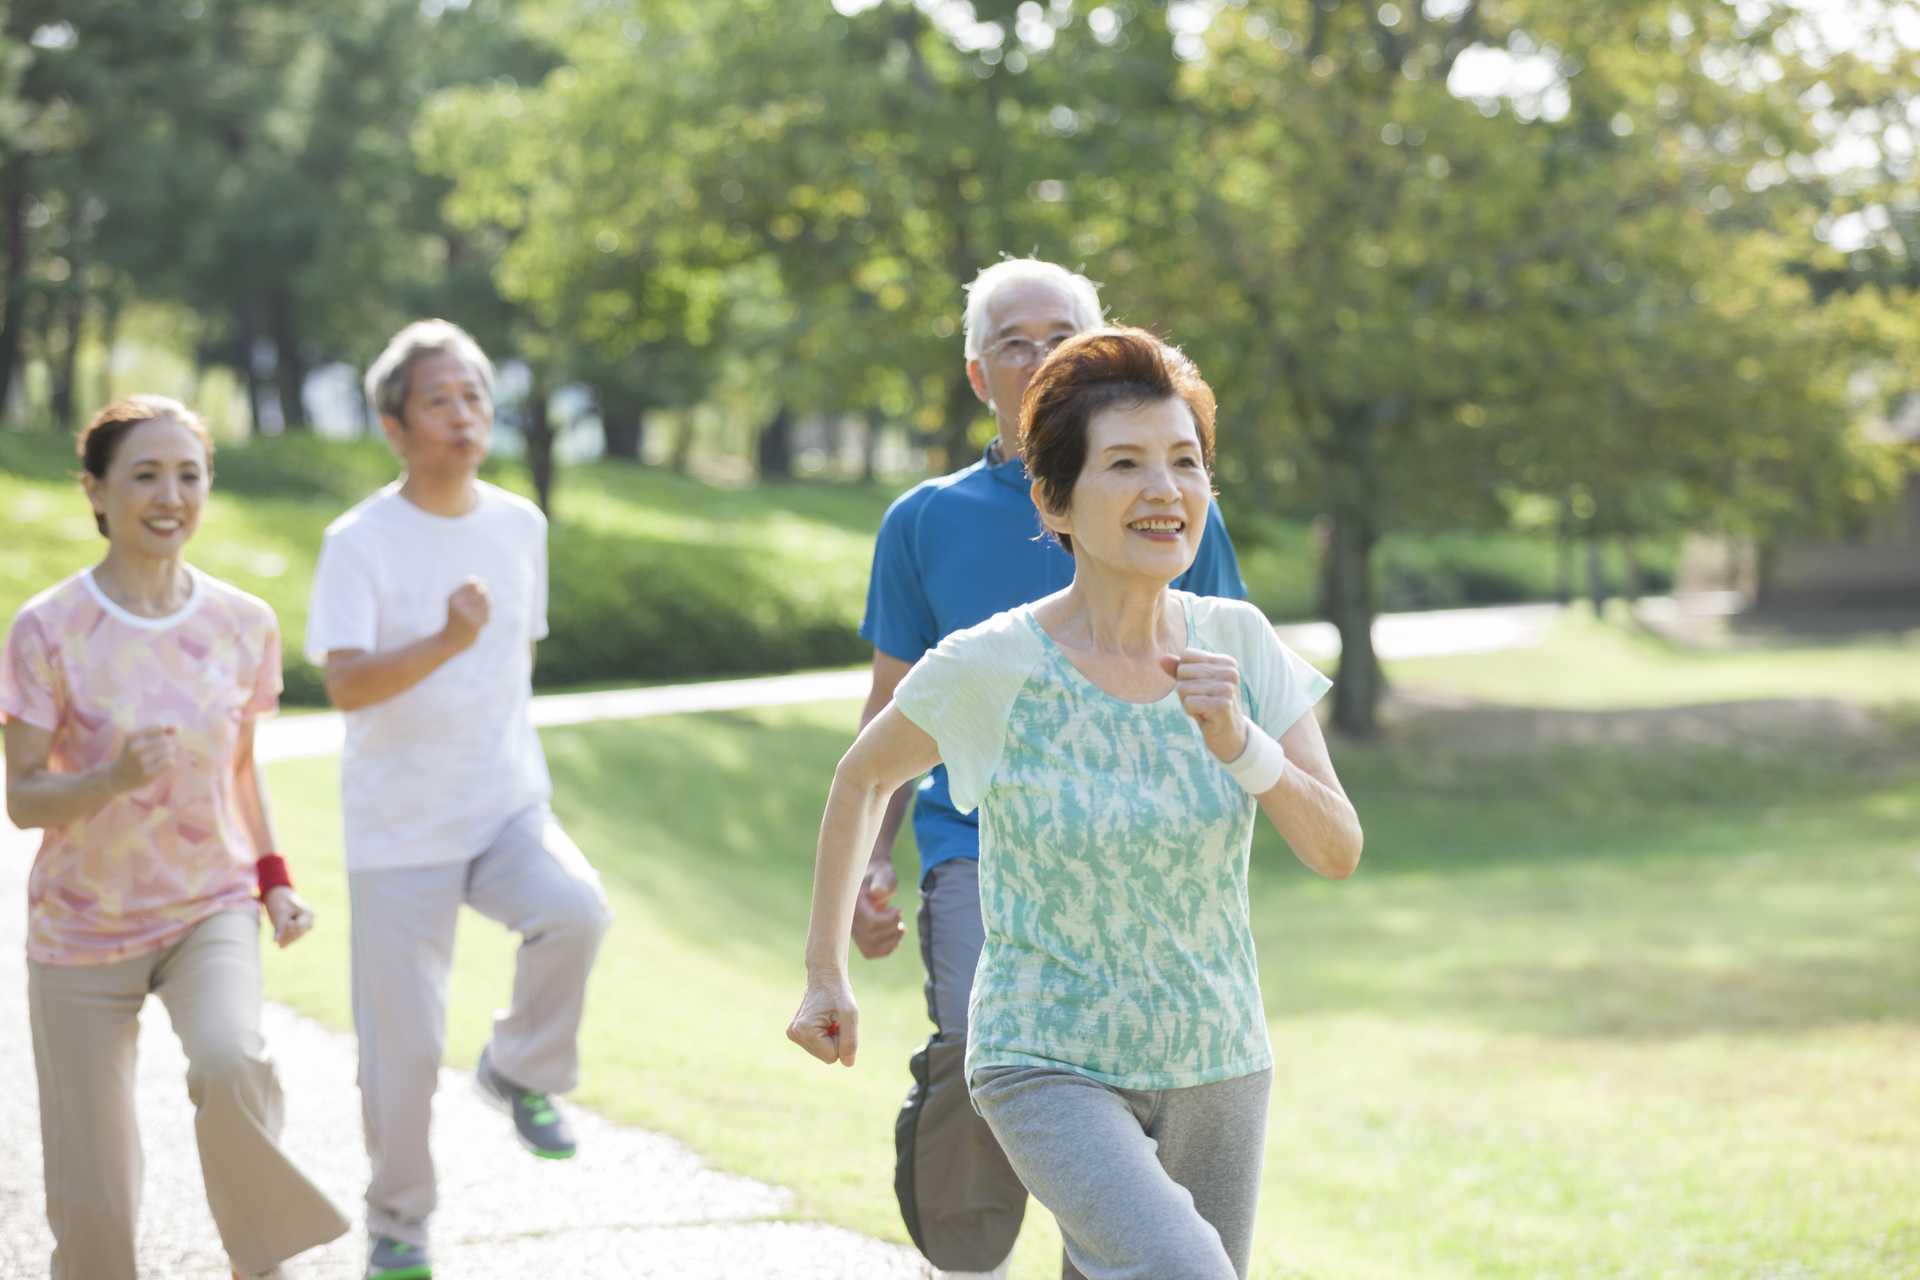 歩くことは、若々しい体と脳を保つ方法である。 | 散歩の楽しみ方に気づく30のポイント